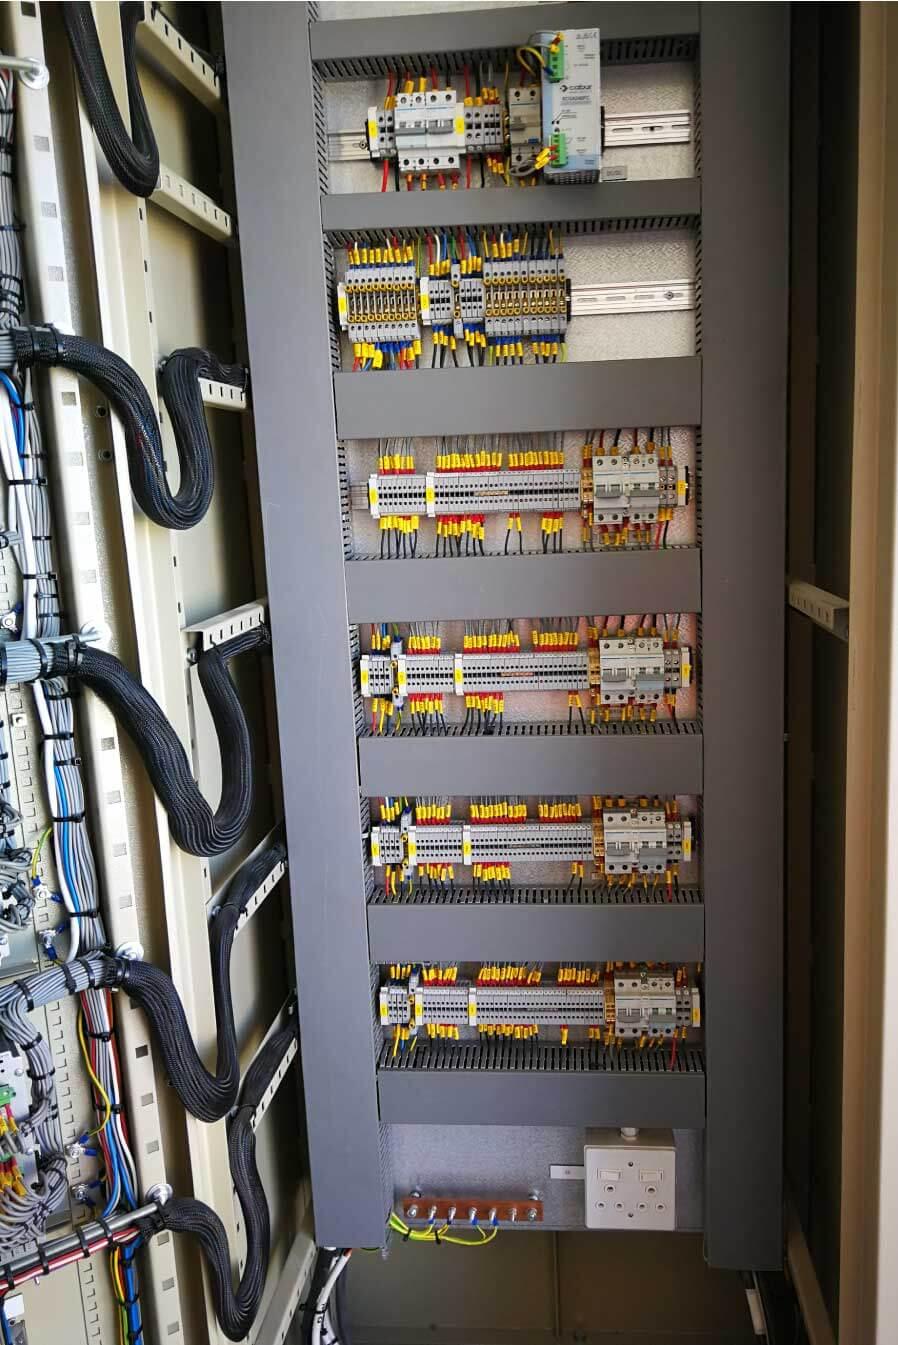 22KV Protection Panel